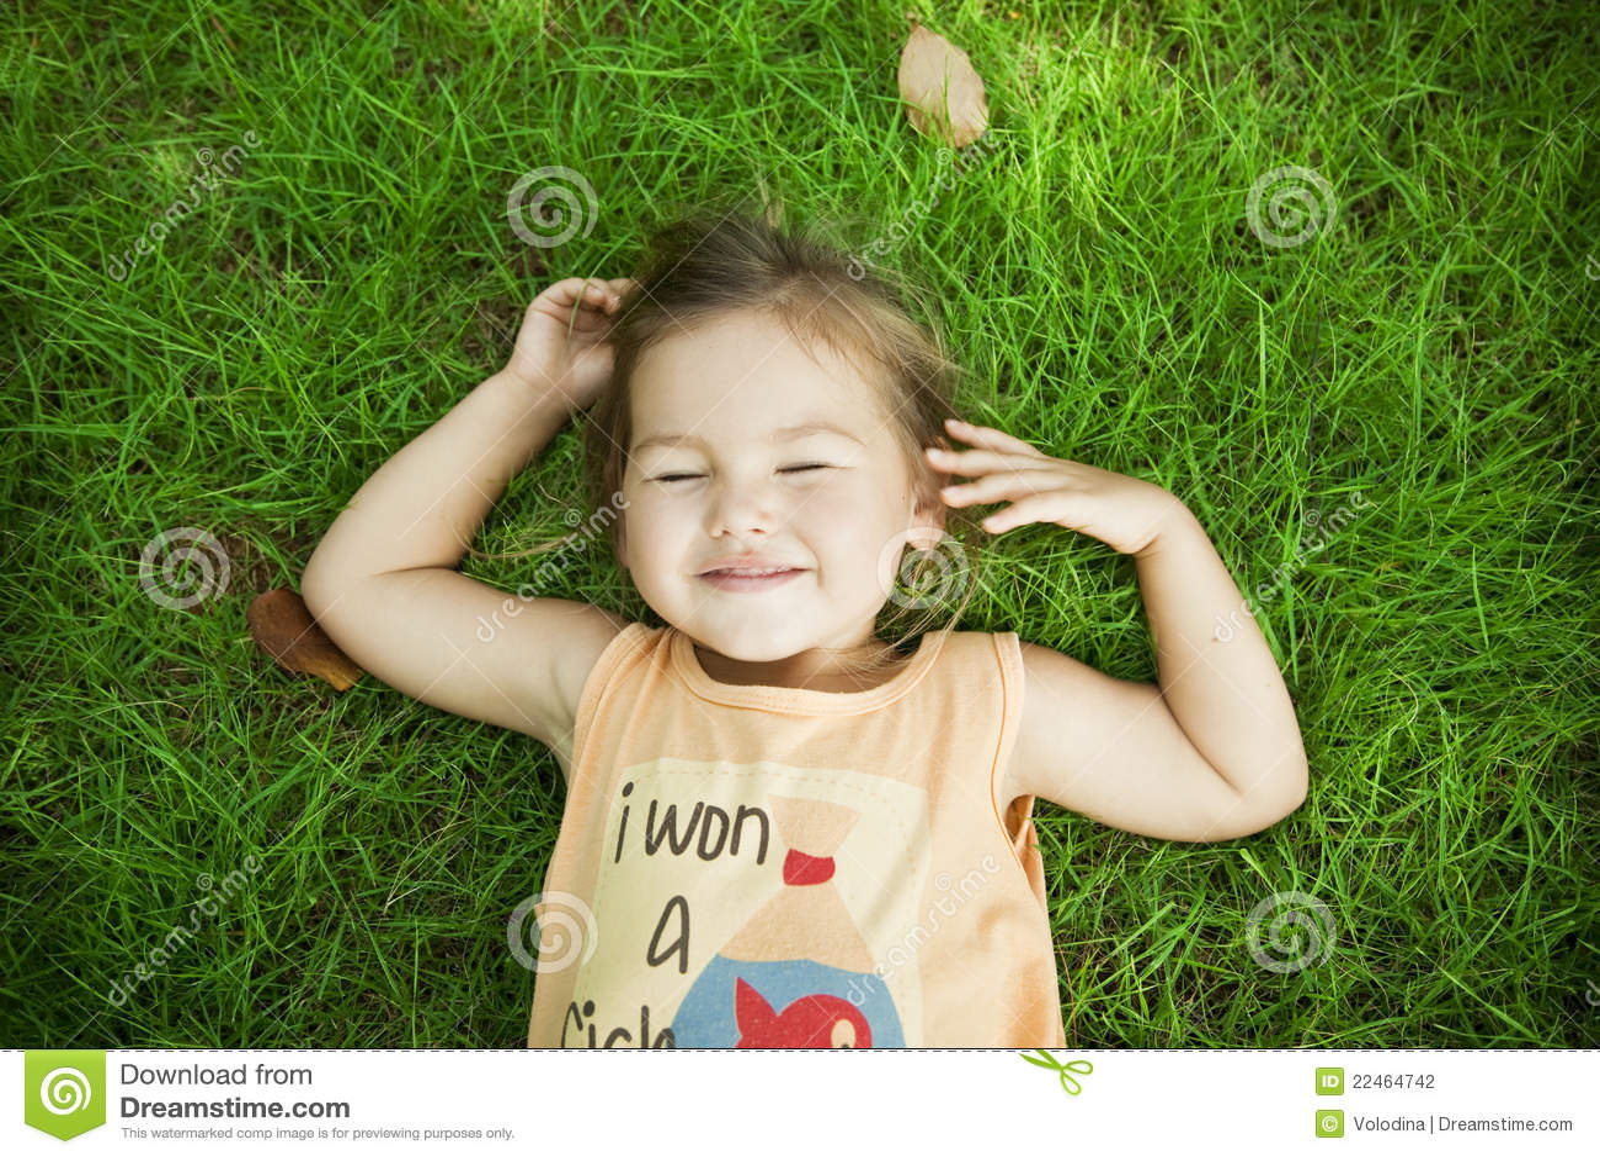 Ребенок лежит на траве фото